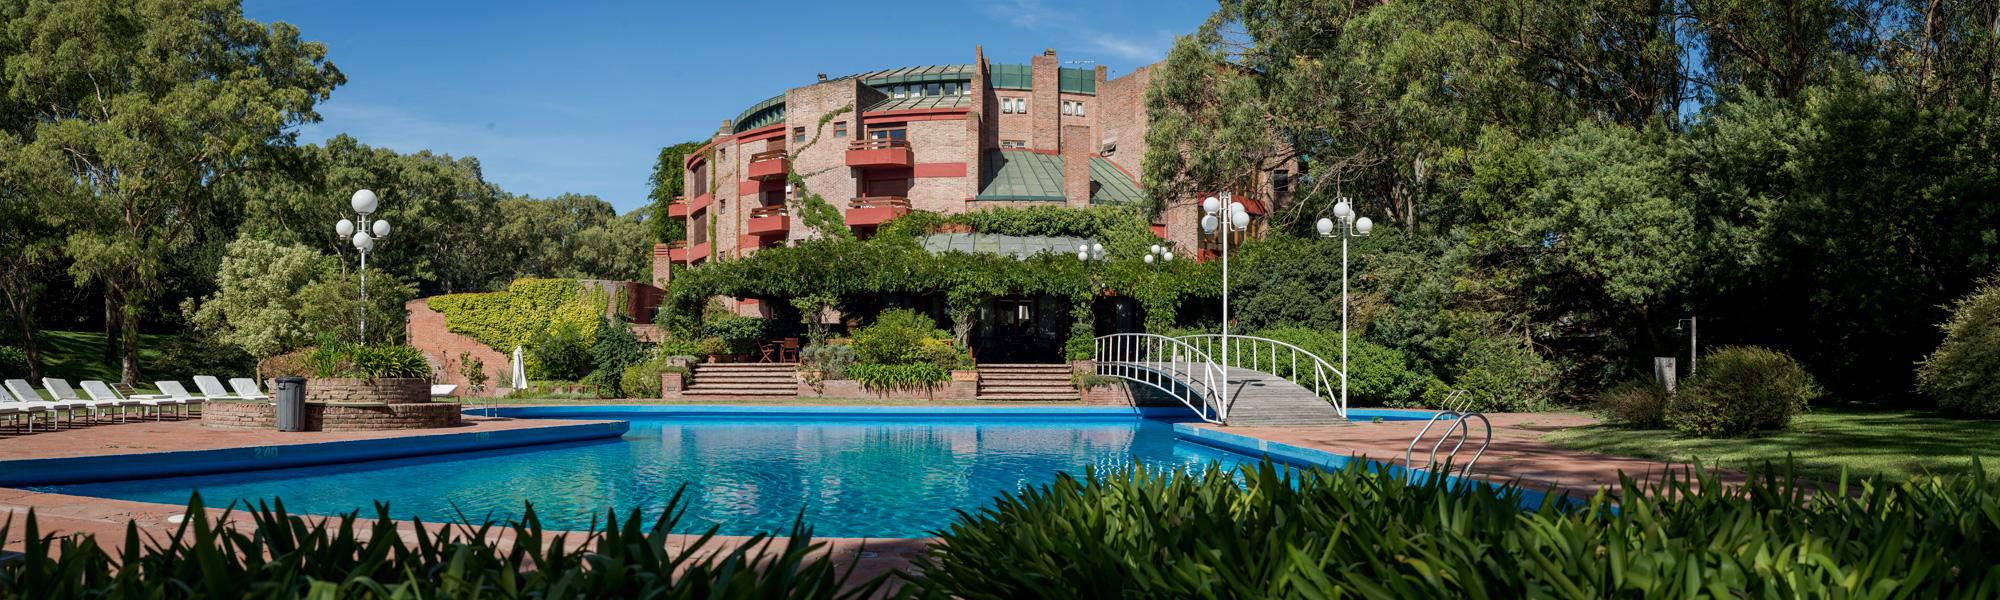 Pileta exterior y vista del hotel